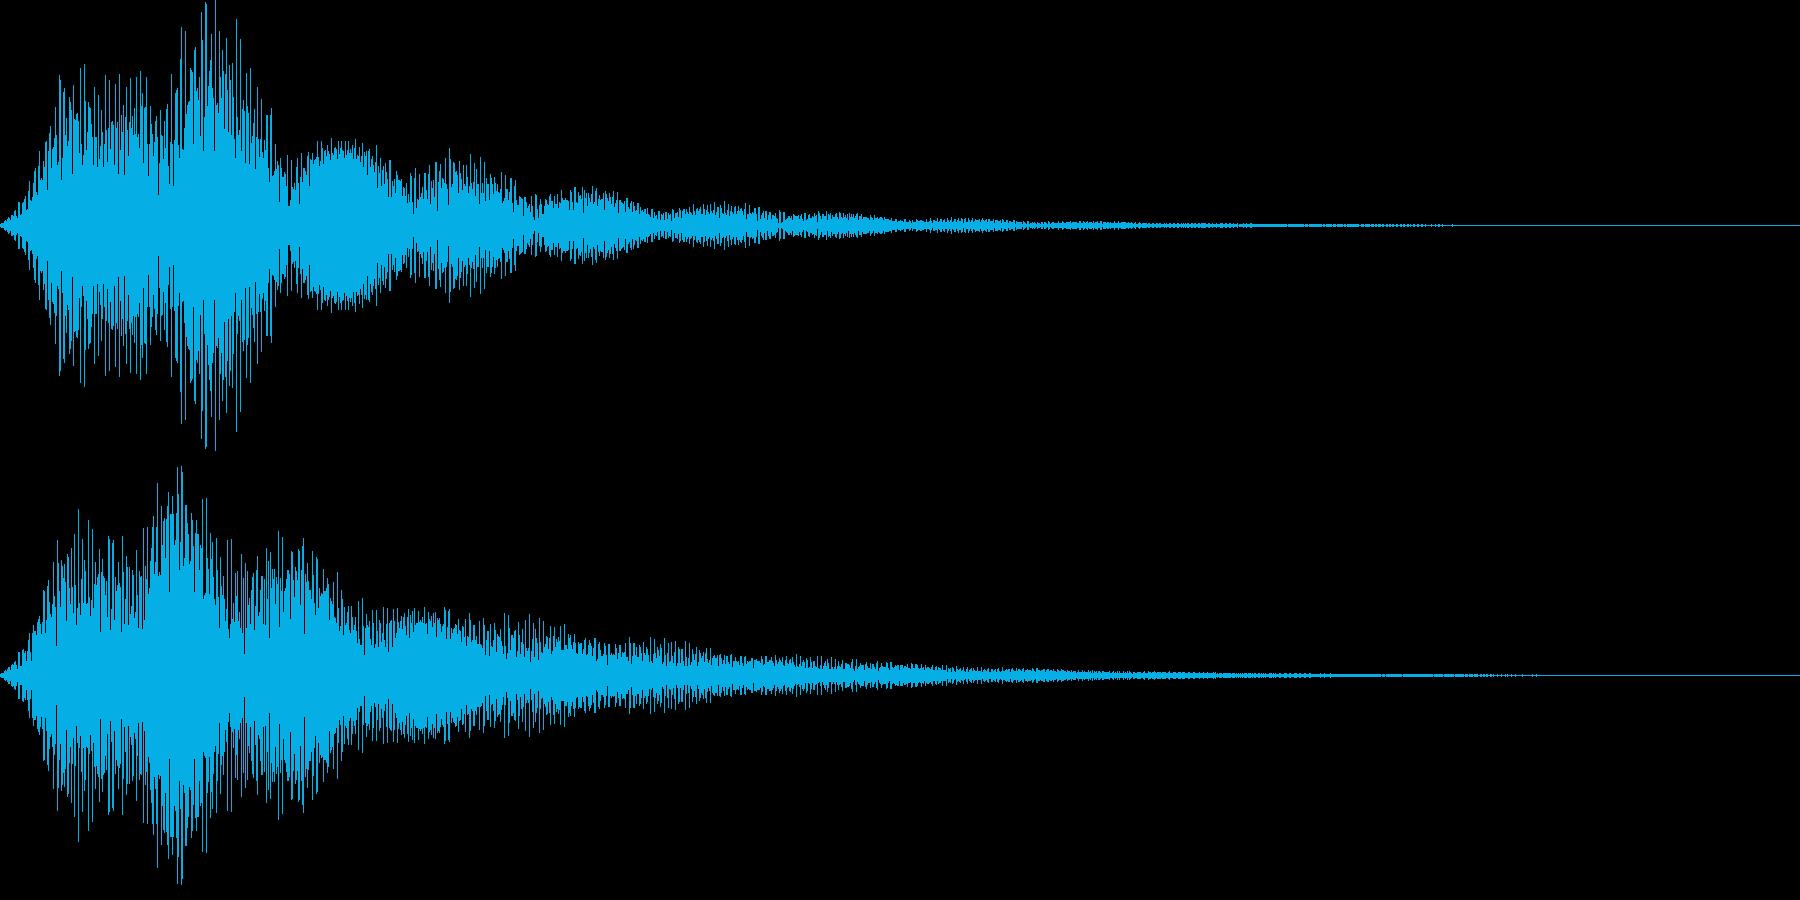 ボタン・操作音7の再生済みの波形